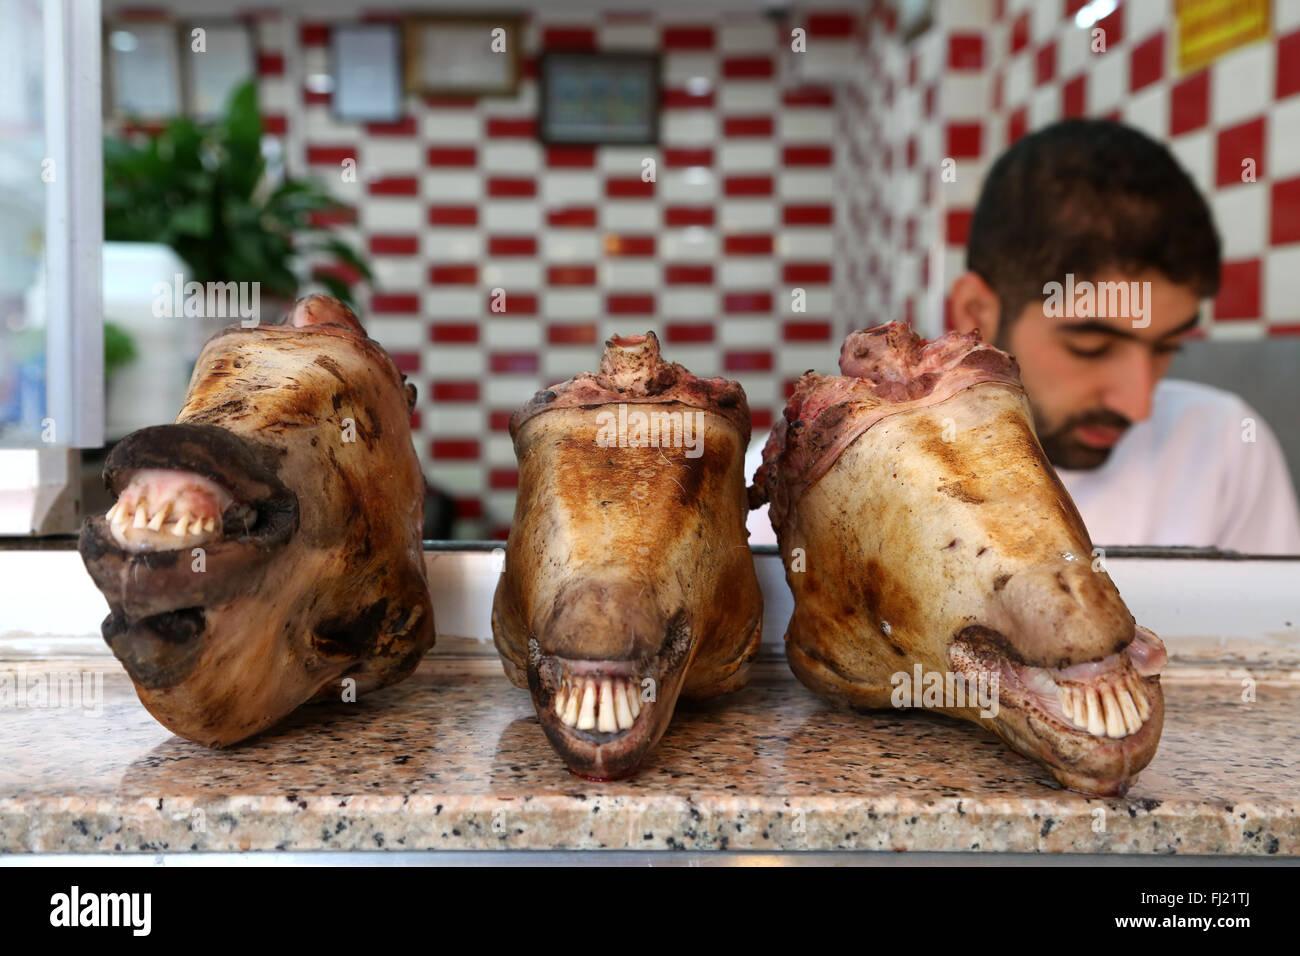 Les têtes de mouton pour la vente à la boucherie à Istanbul , Turquie Photo Stock